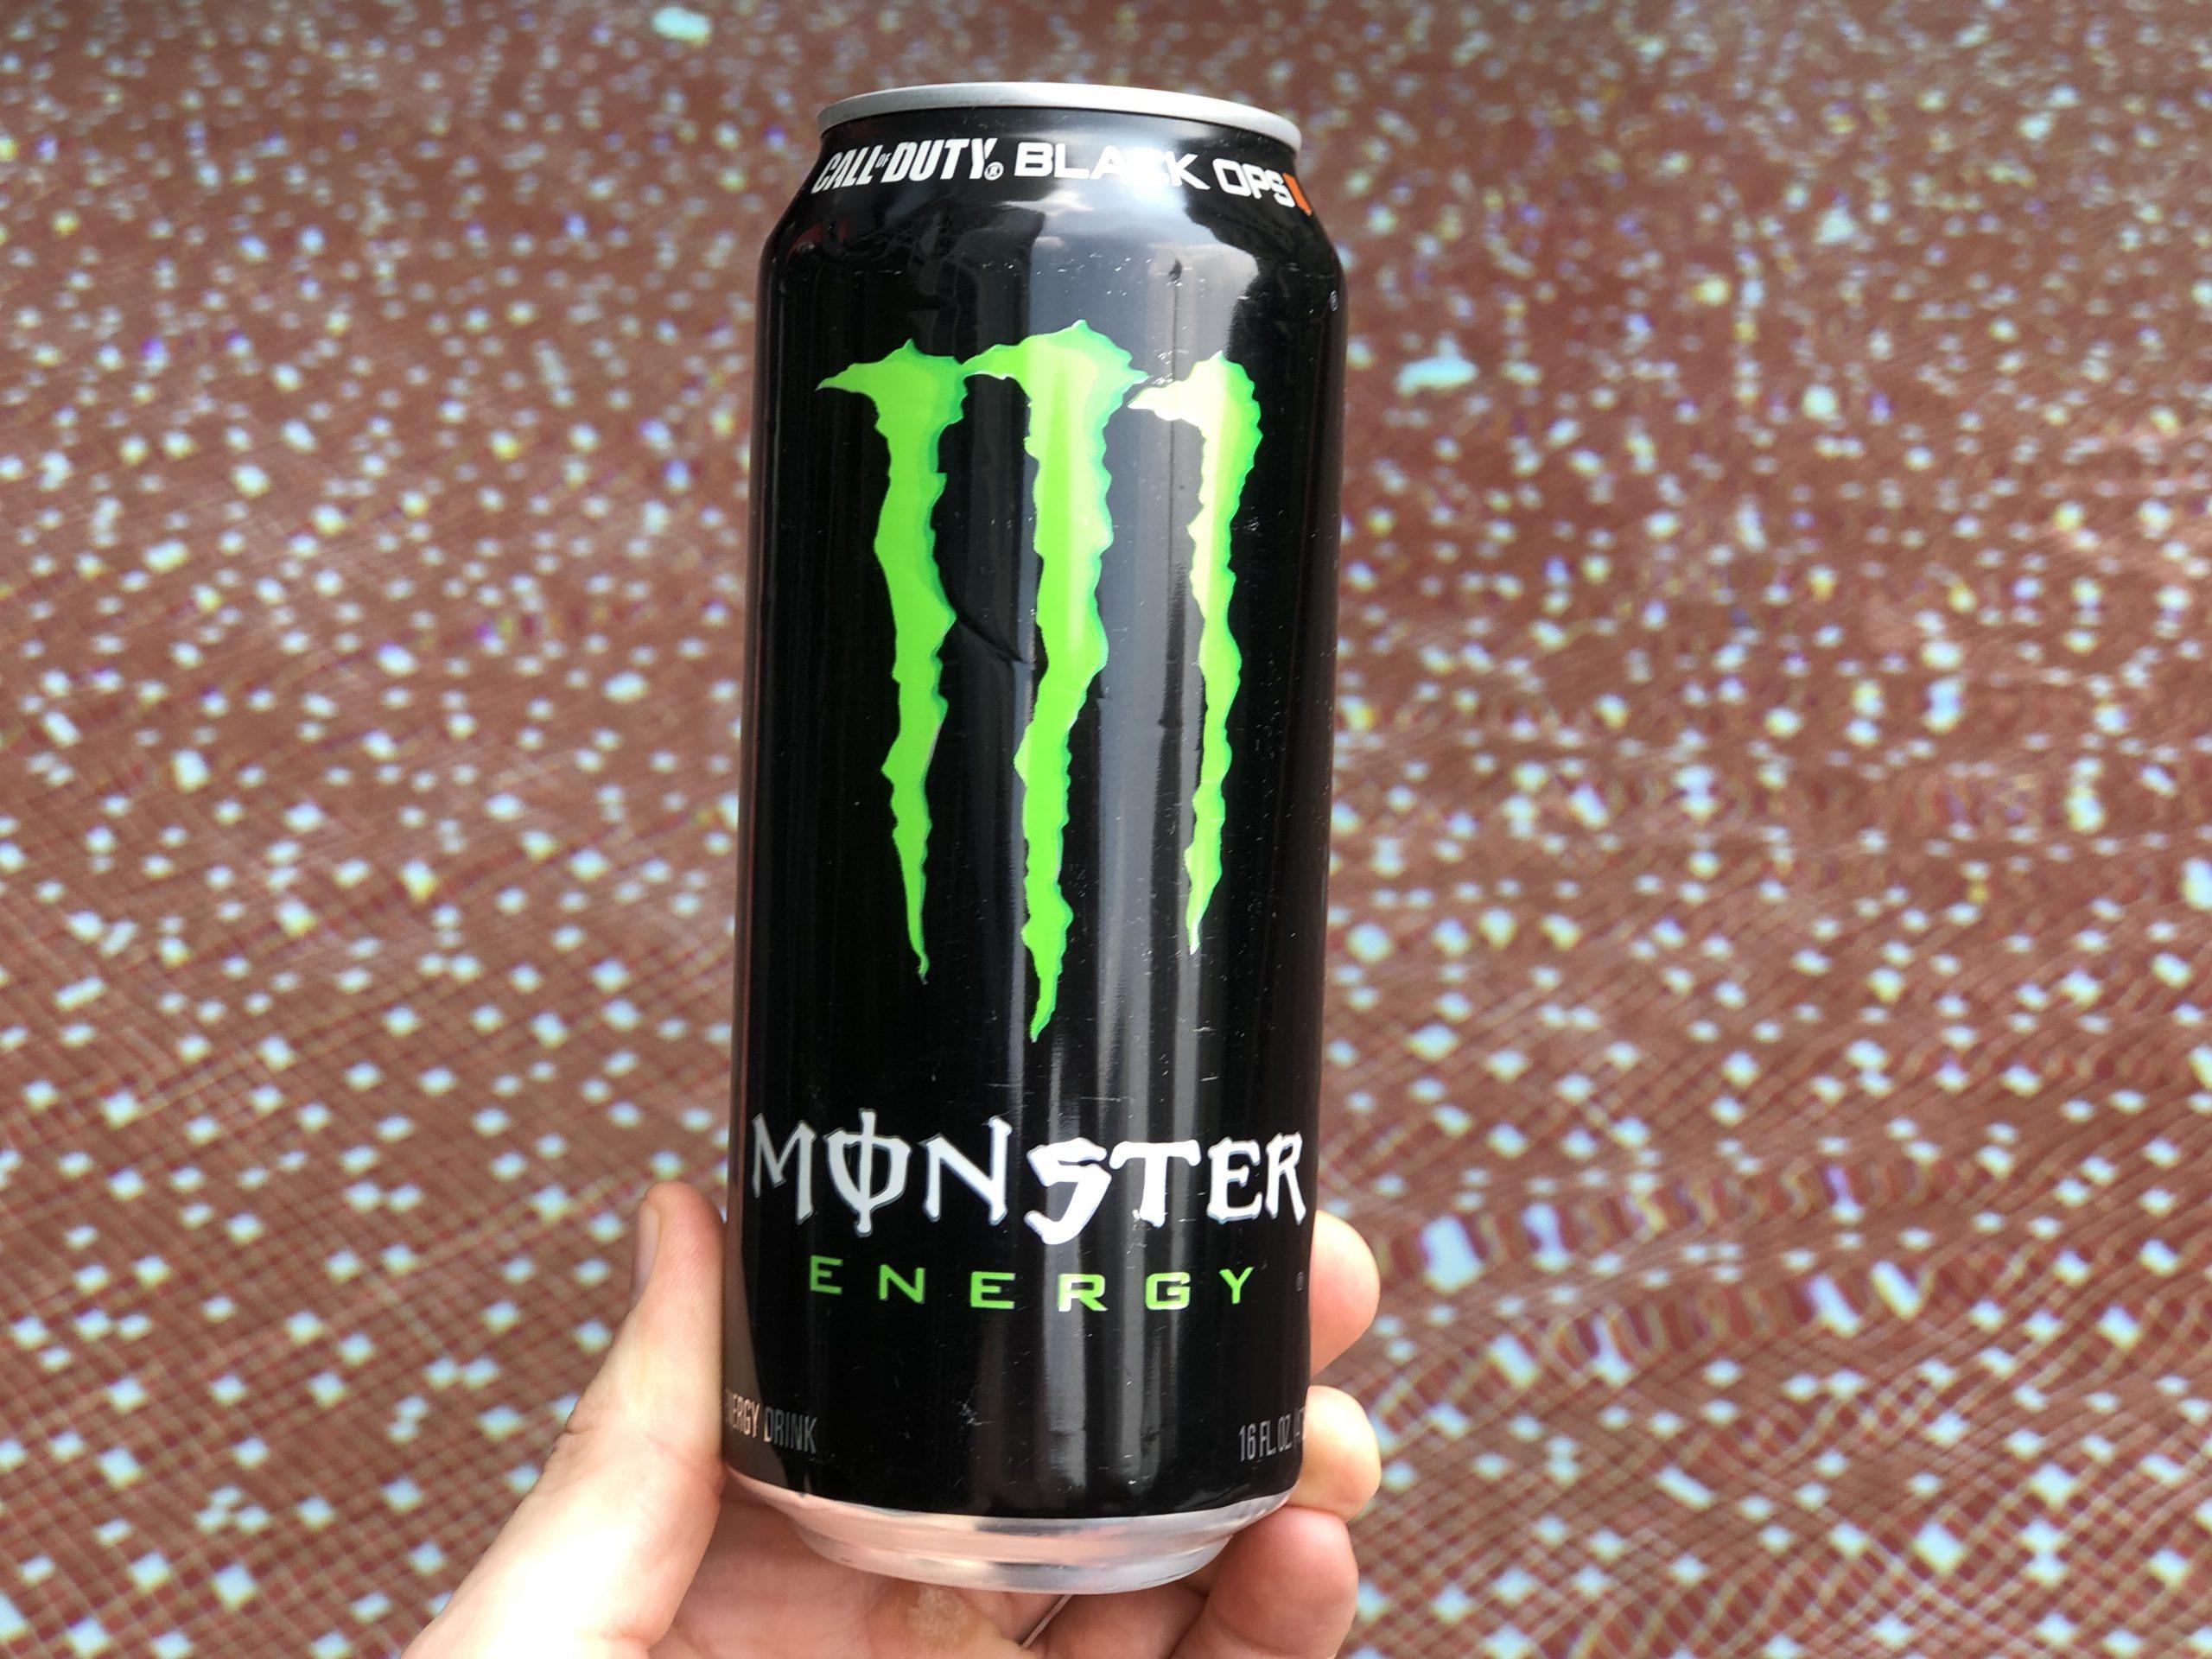 Monster Energy Drink.